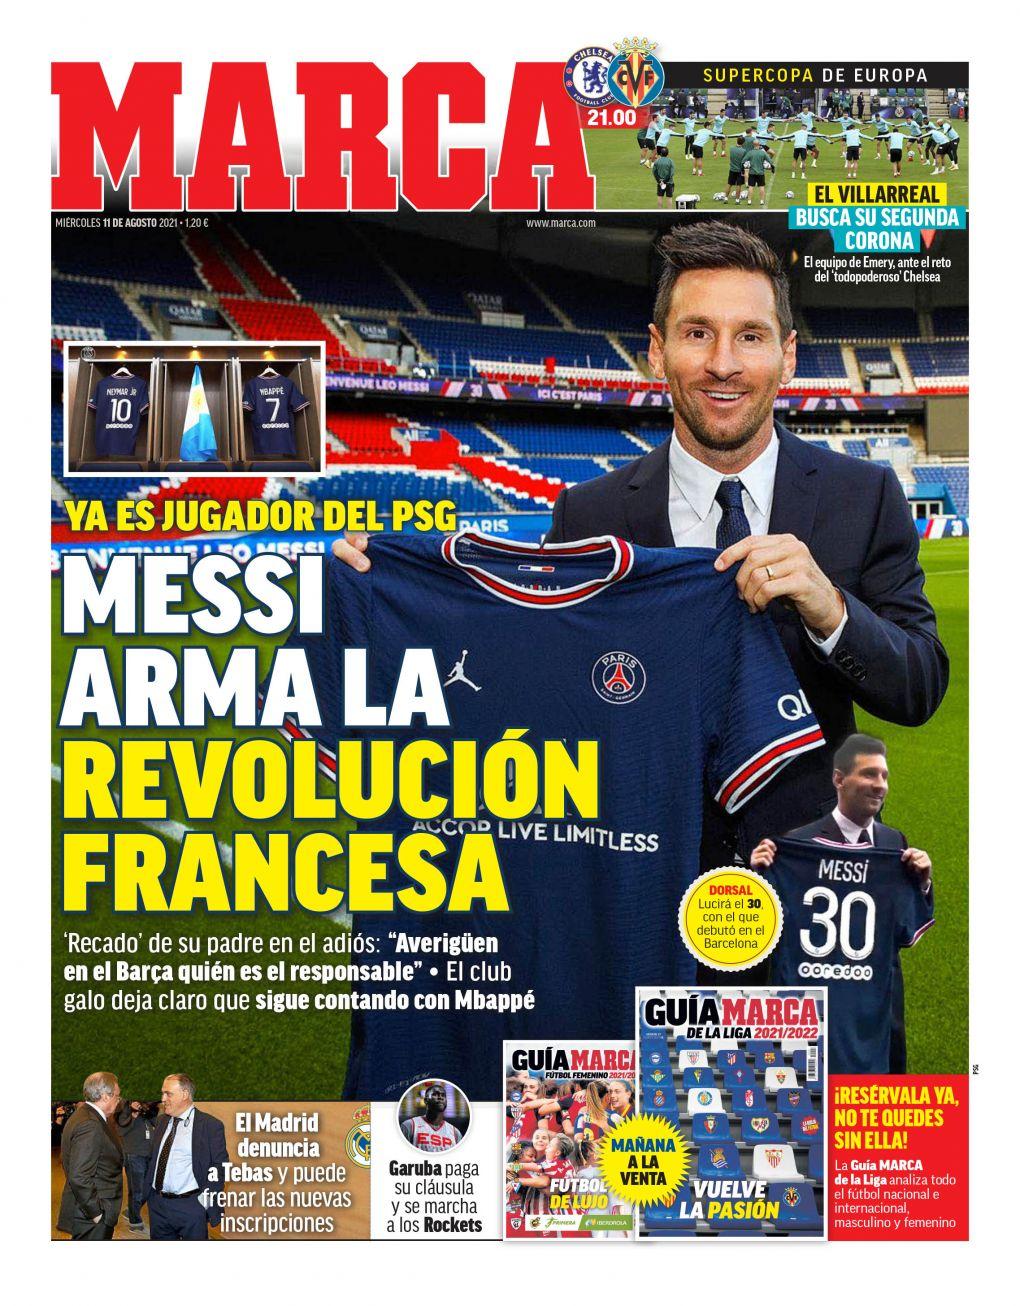 Documentos de hoy: Lionel Messi sorprende al mundo al fichar por el Paris Saint-Germain